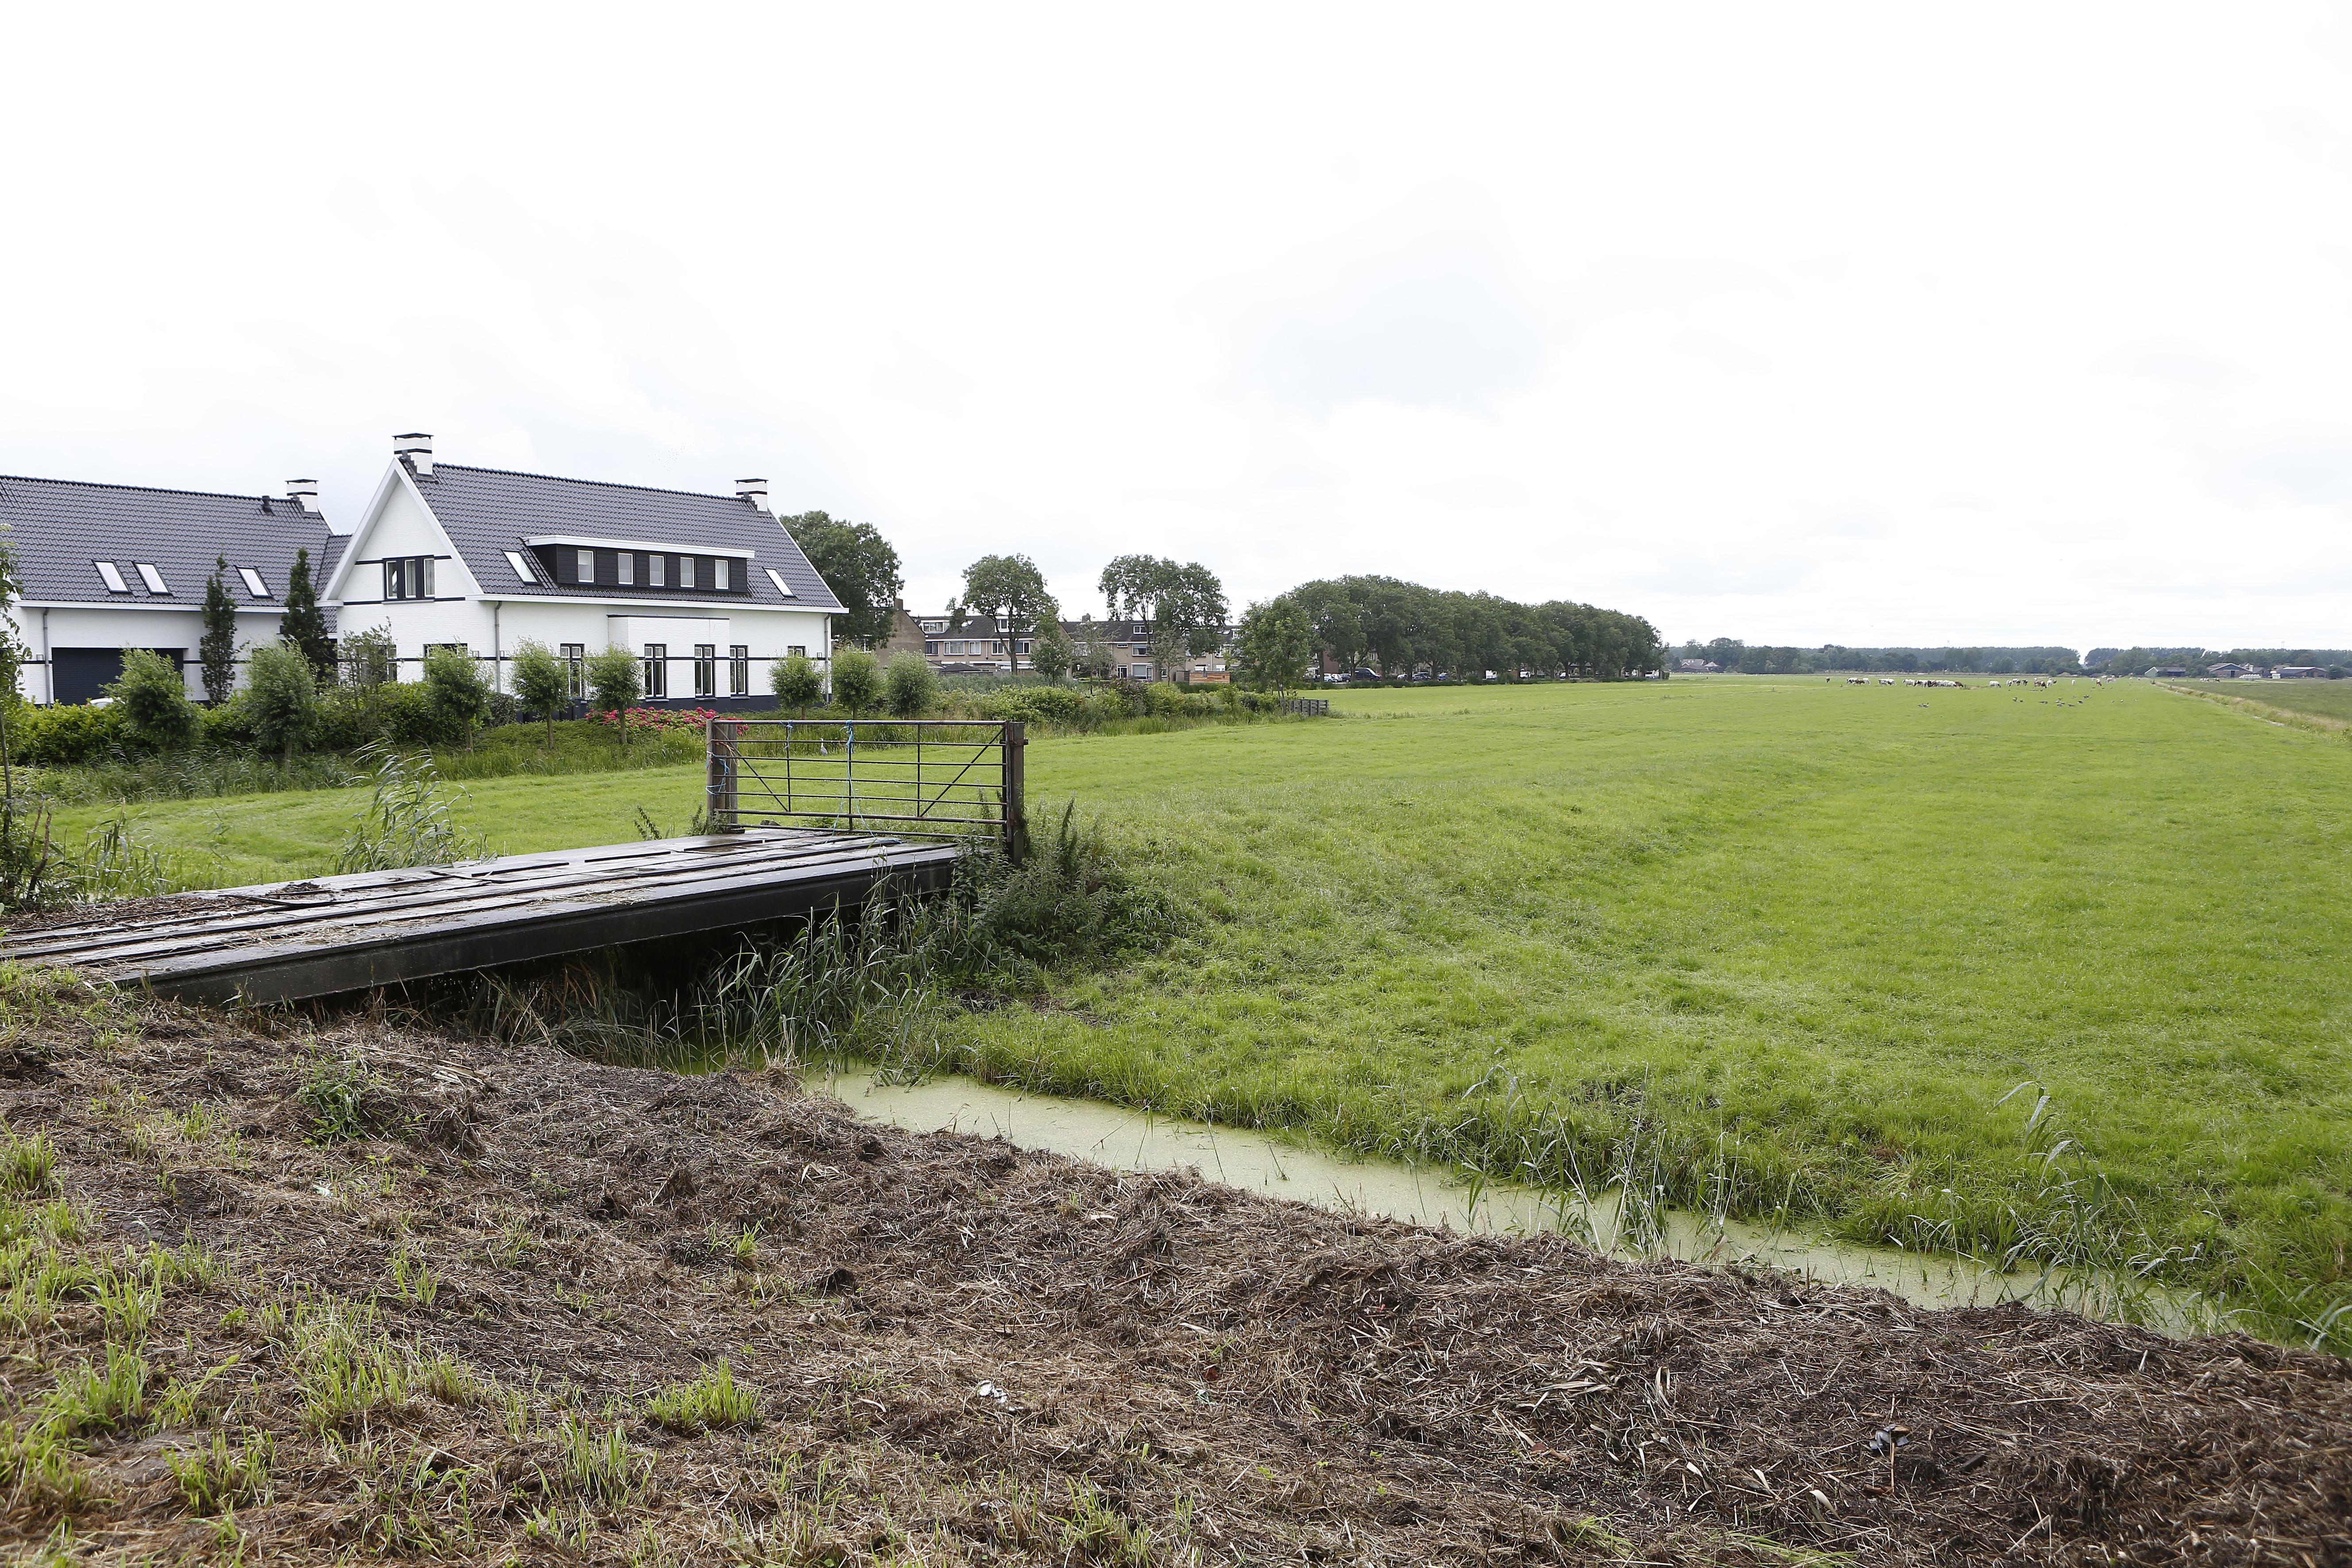 De show van de 'strenge provincie NH': VVD met een Januskop en Wijdemeren dat haast maakt met bouwen